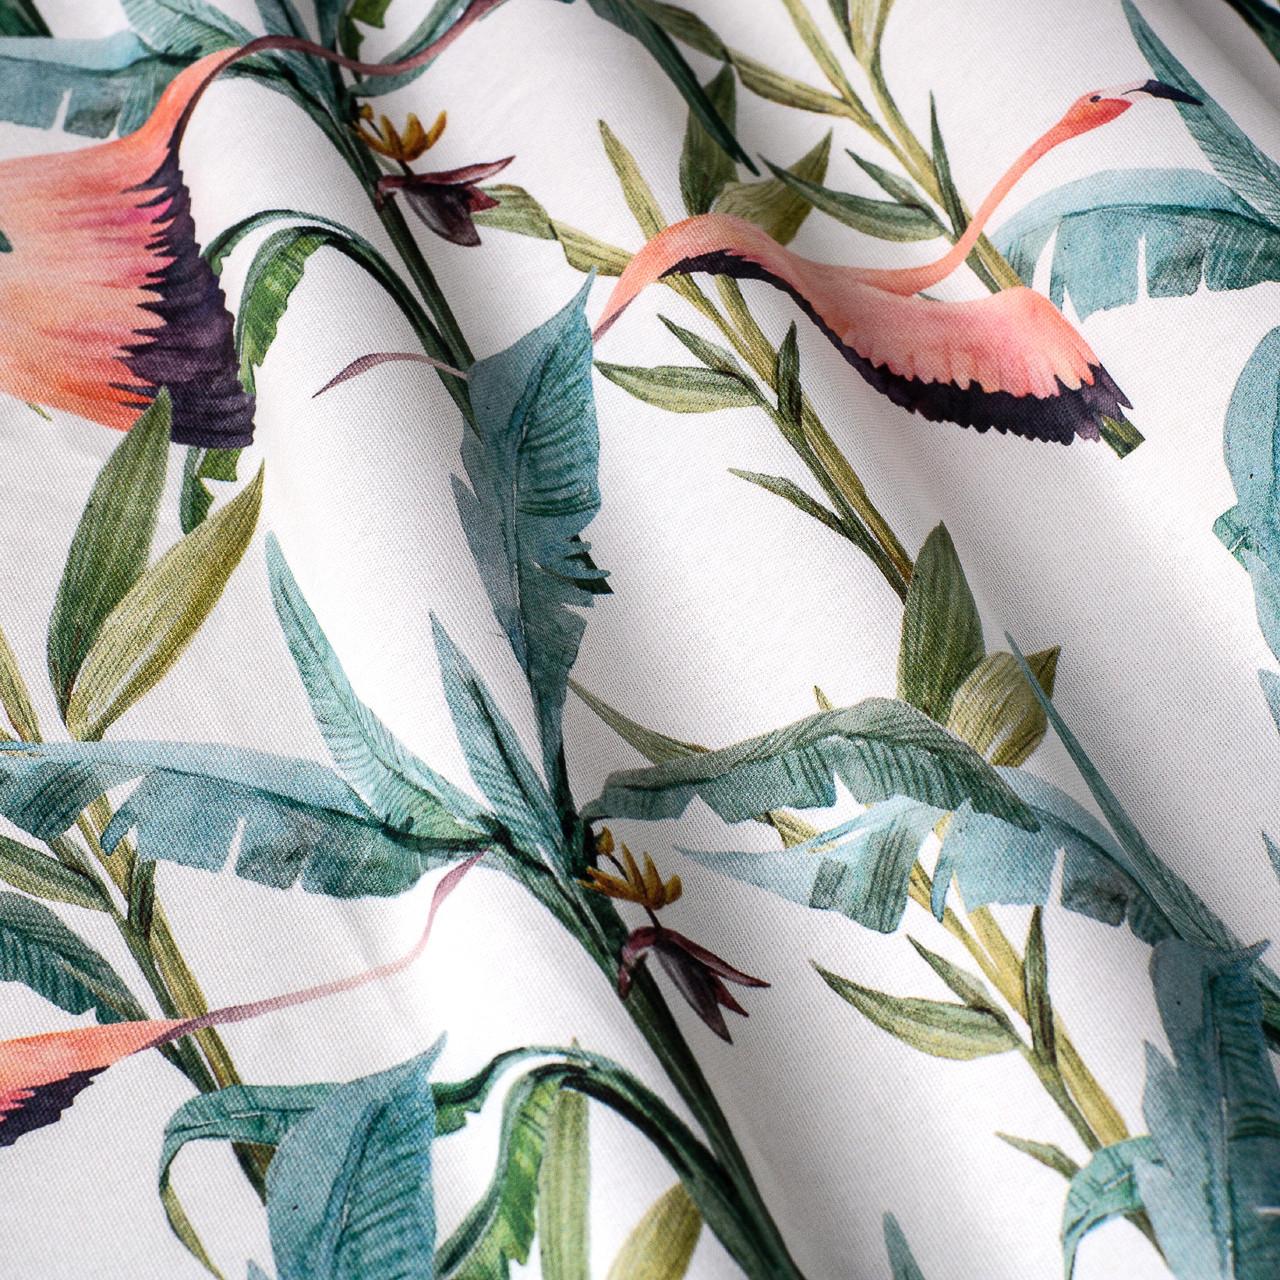 Декоративная ткань с голубыми растениями и розовыми фламинго на белом для подушек на диван 84301v1